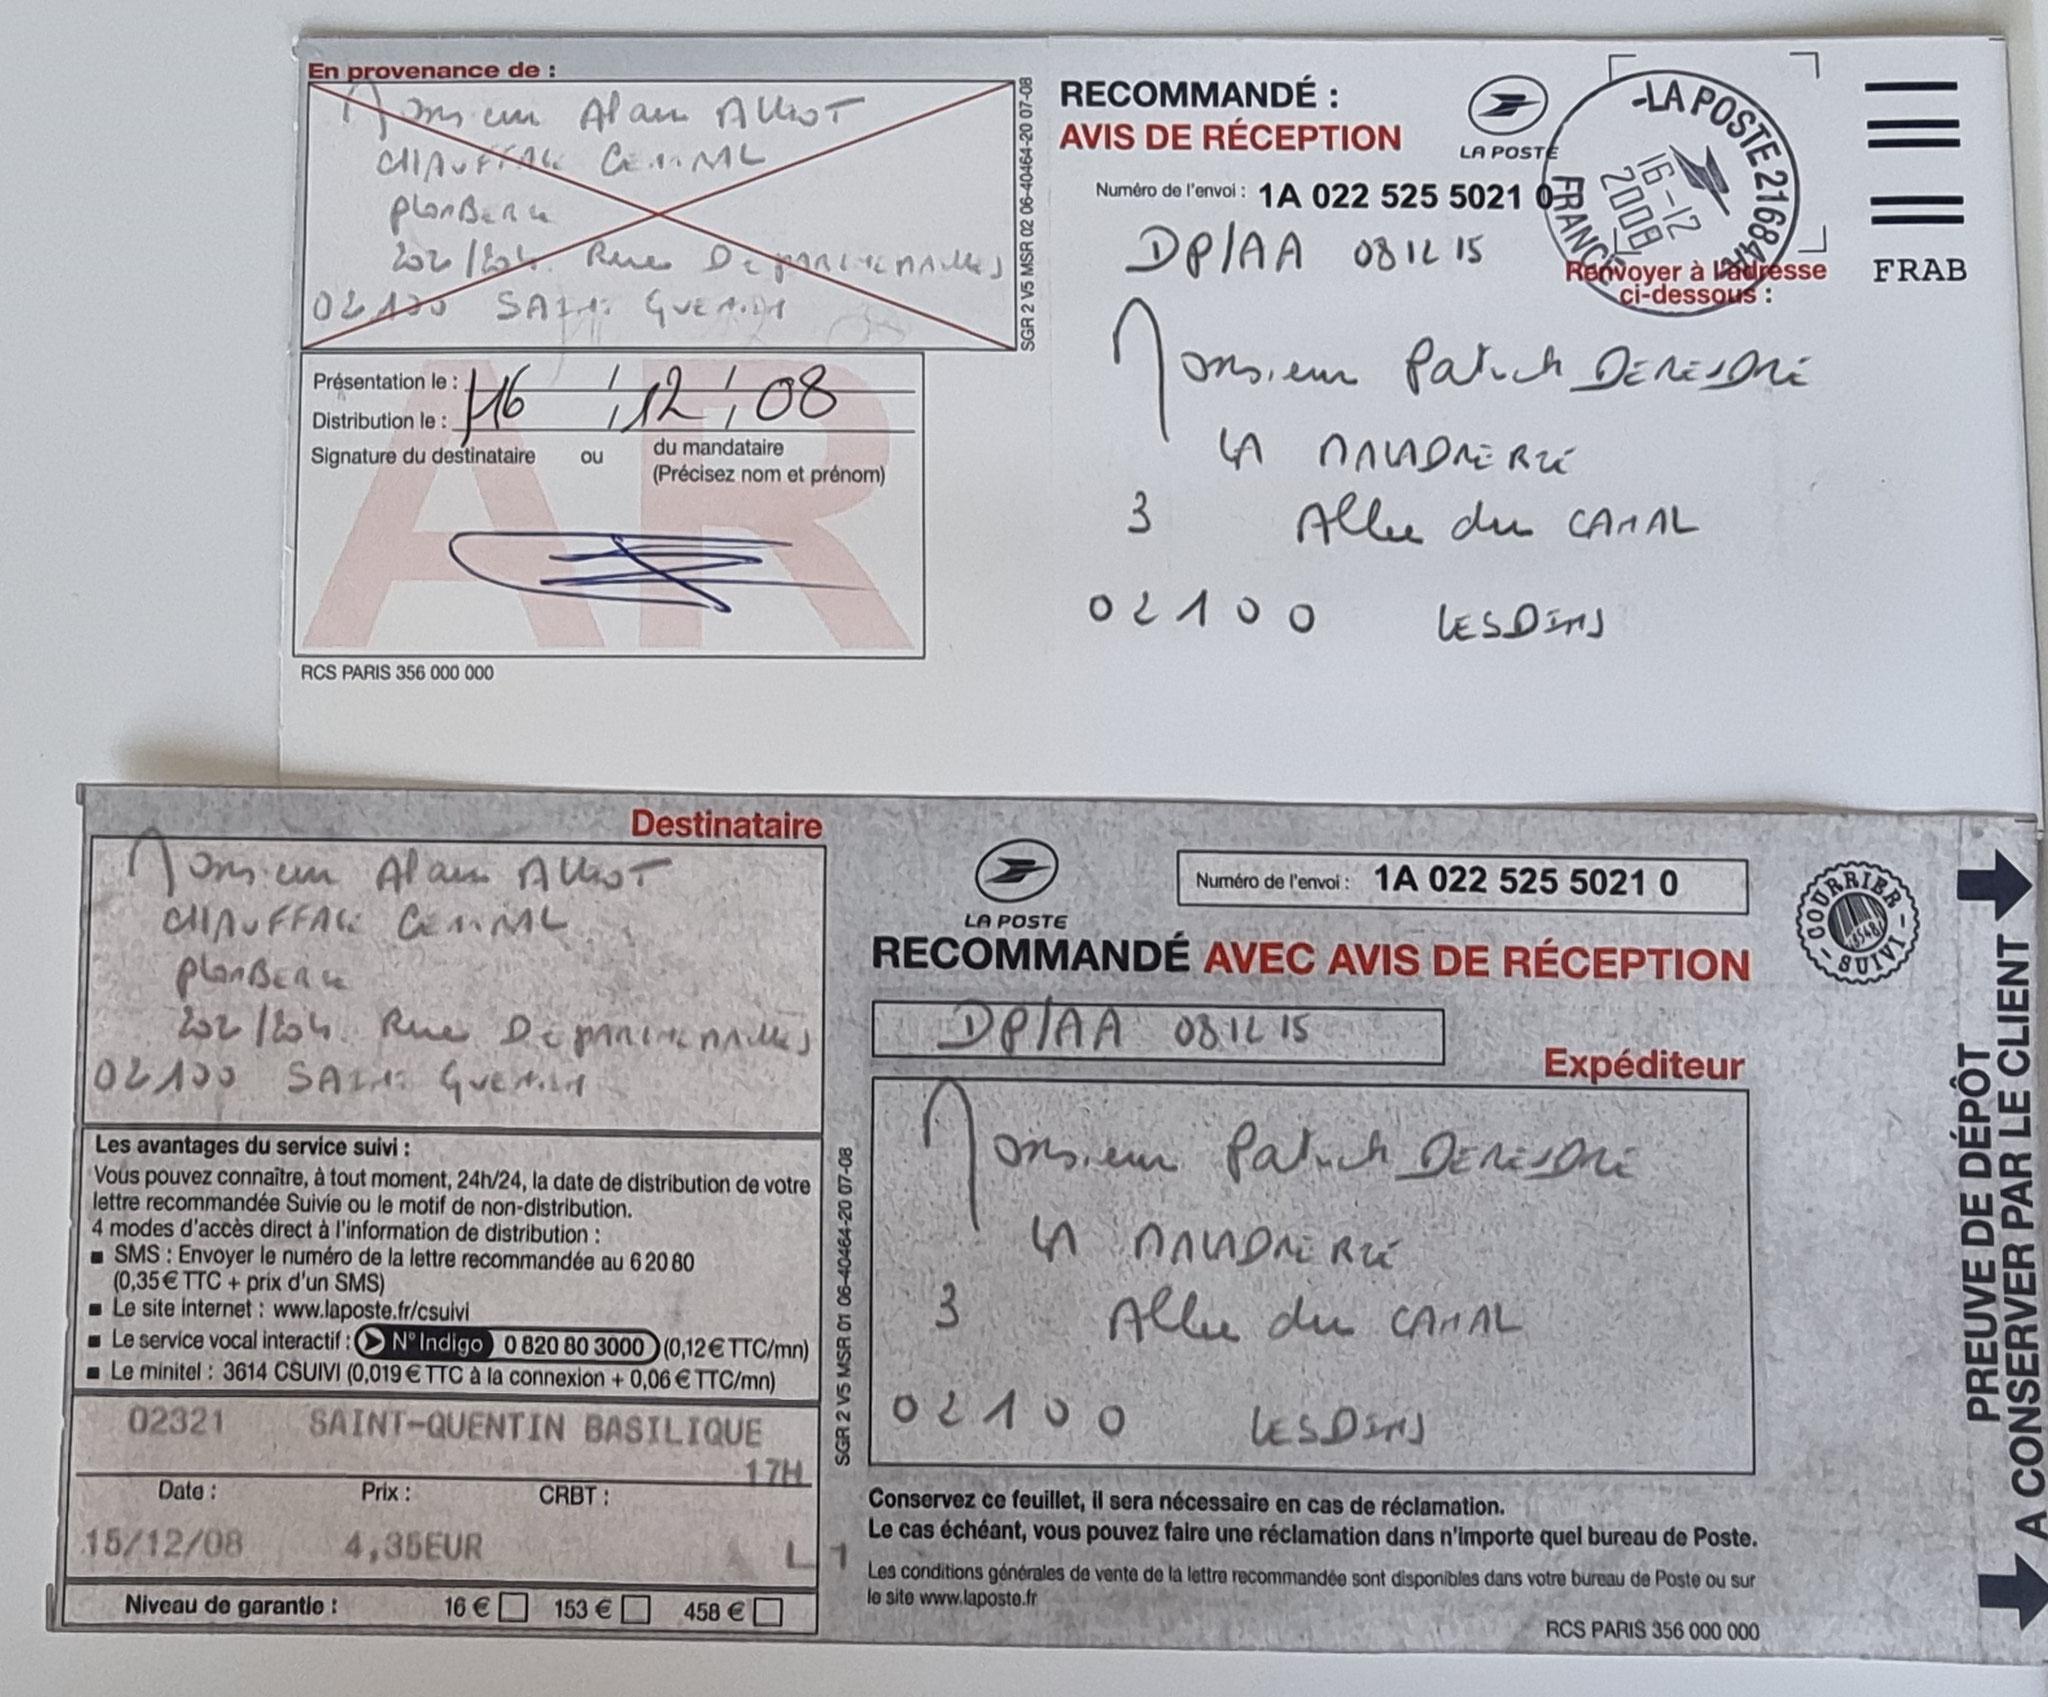 Le 15 décembre 2008 j'adresse une LRAR à Monsieur Alain ALLIOT.     INACCEPTABLE  BORDERLINE      EXPERTISES JUDICIAIRES ENTRE COPAINS...  www.jesuisvictime.fr www.jesuispatrick.fr